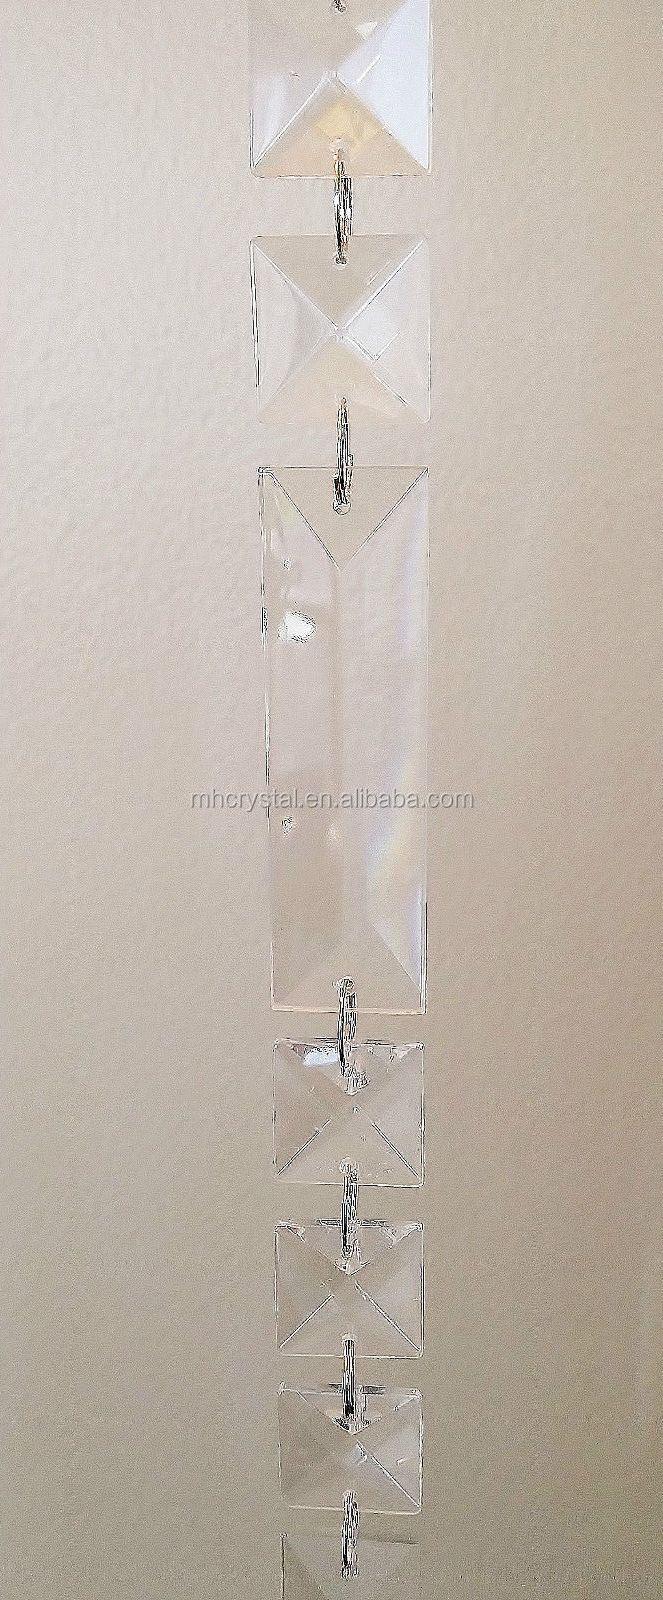 Kristal voor kroonluchter glazen deur raam decor kraal gordijn mh ...